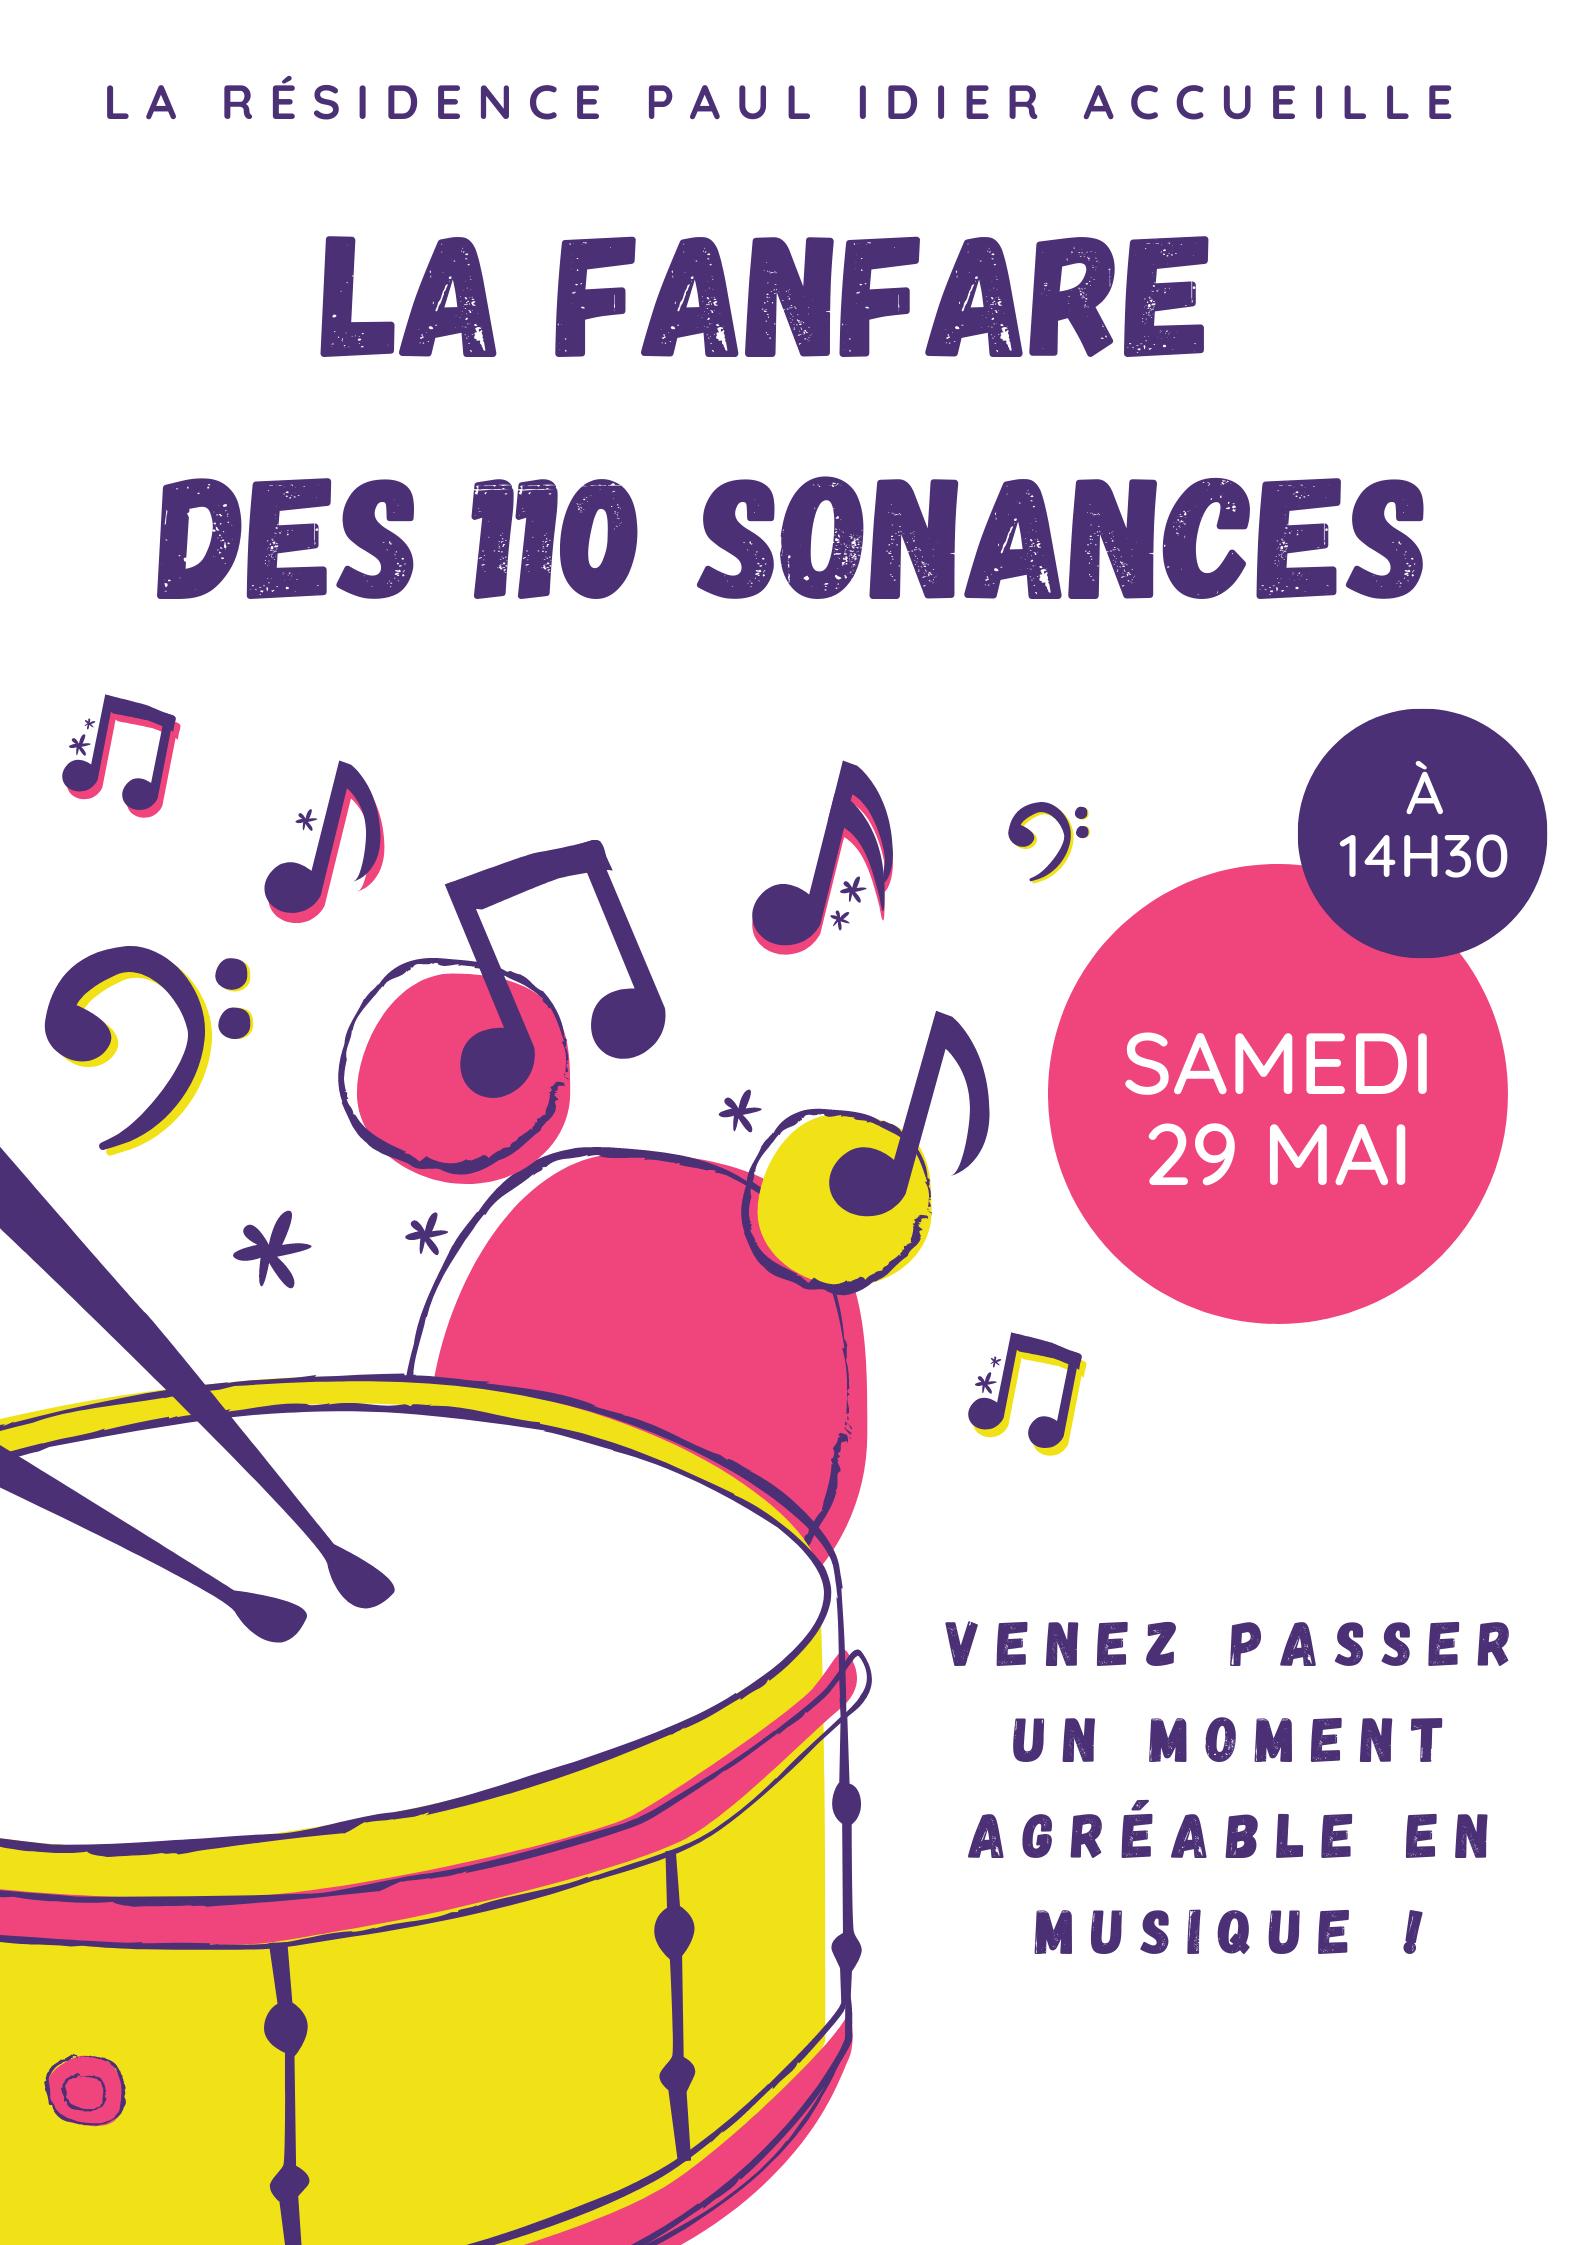 20210529_Poster Fanfare 110 Sonances